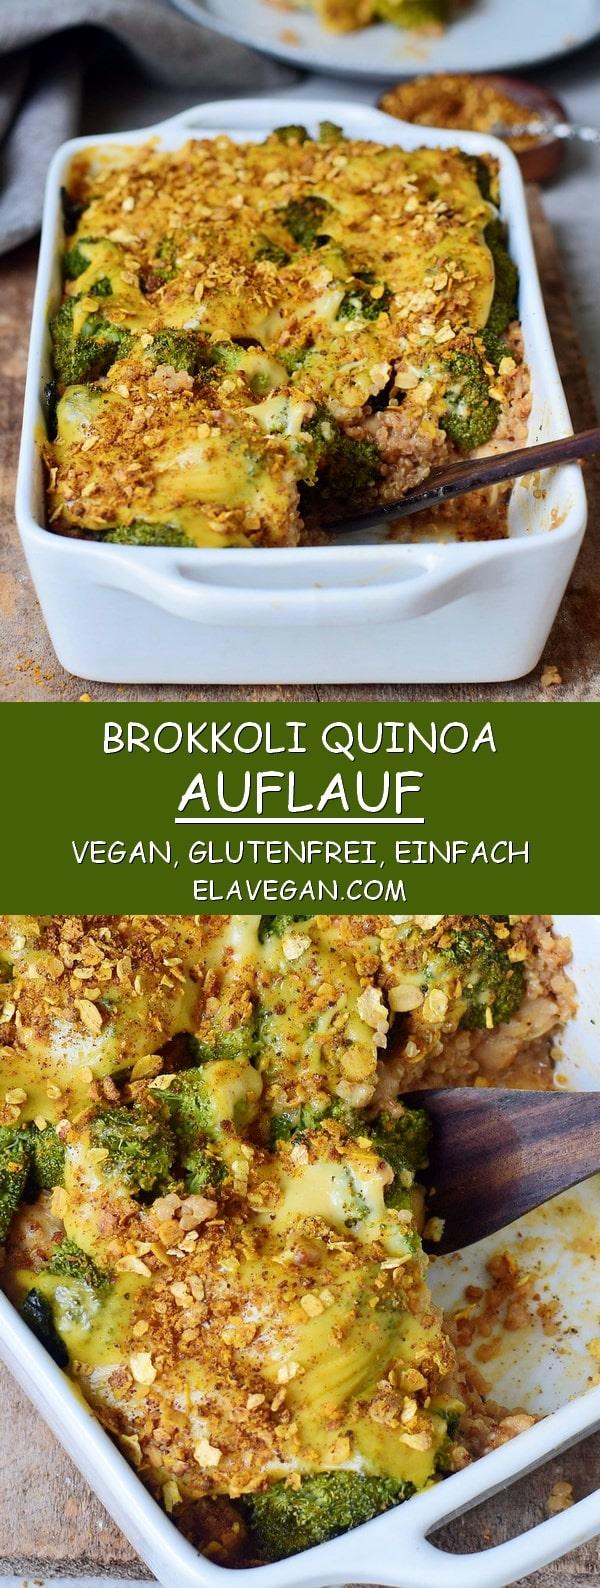 gesunder glutenfreier Brokkoli Auflauf (Gratin) mit Quinoa und veganem Käse